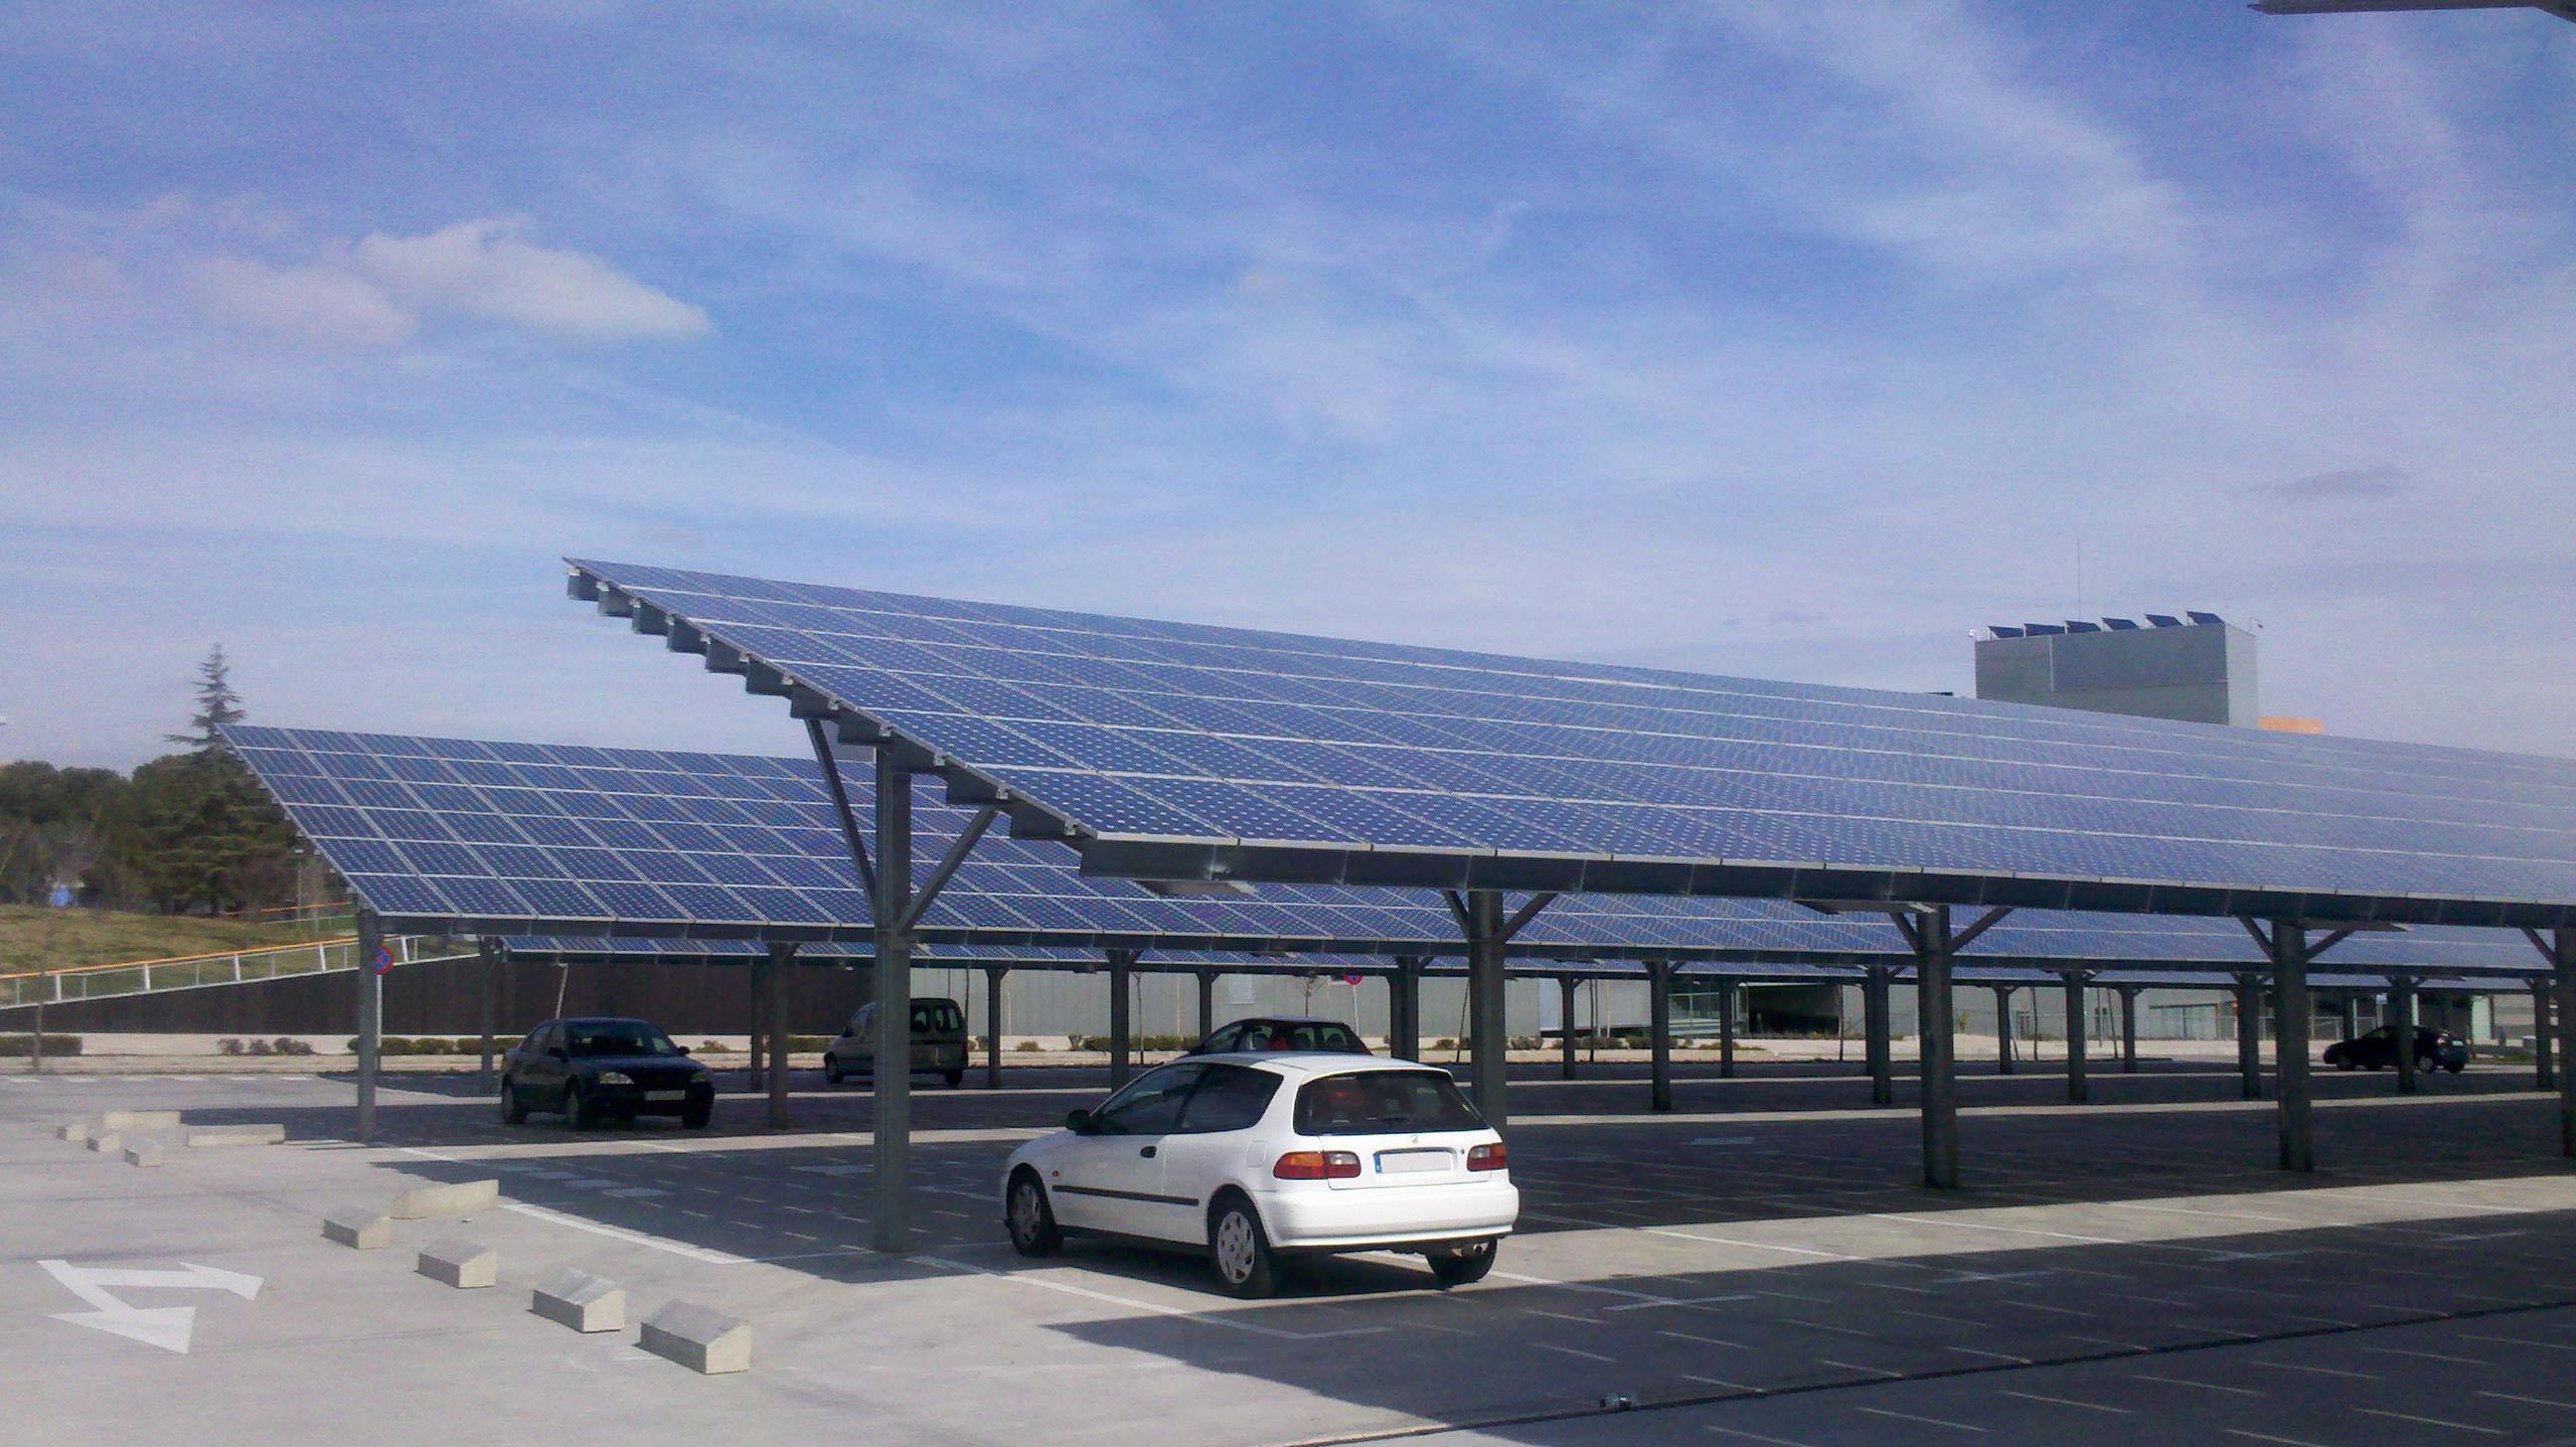 Multi-purpose solar car park in Spain.